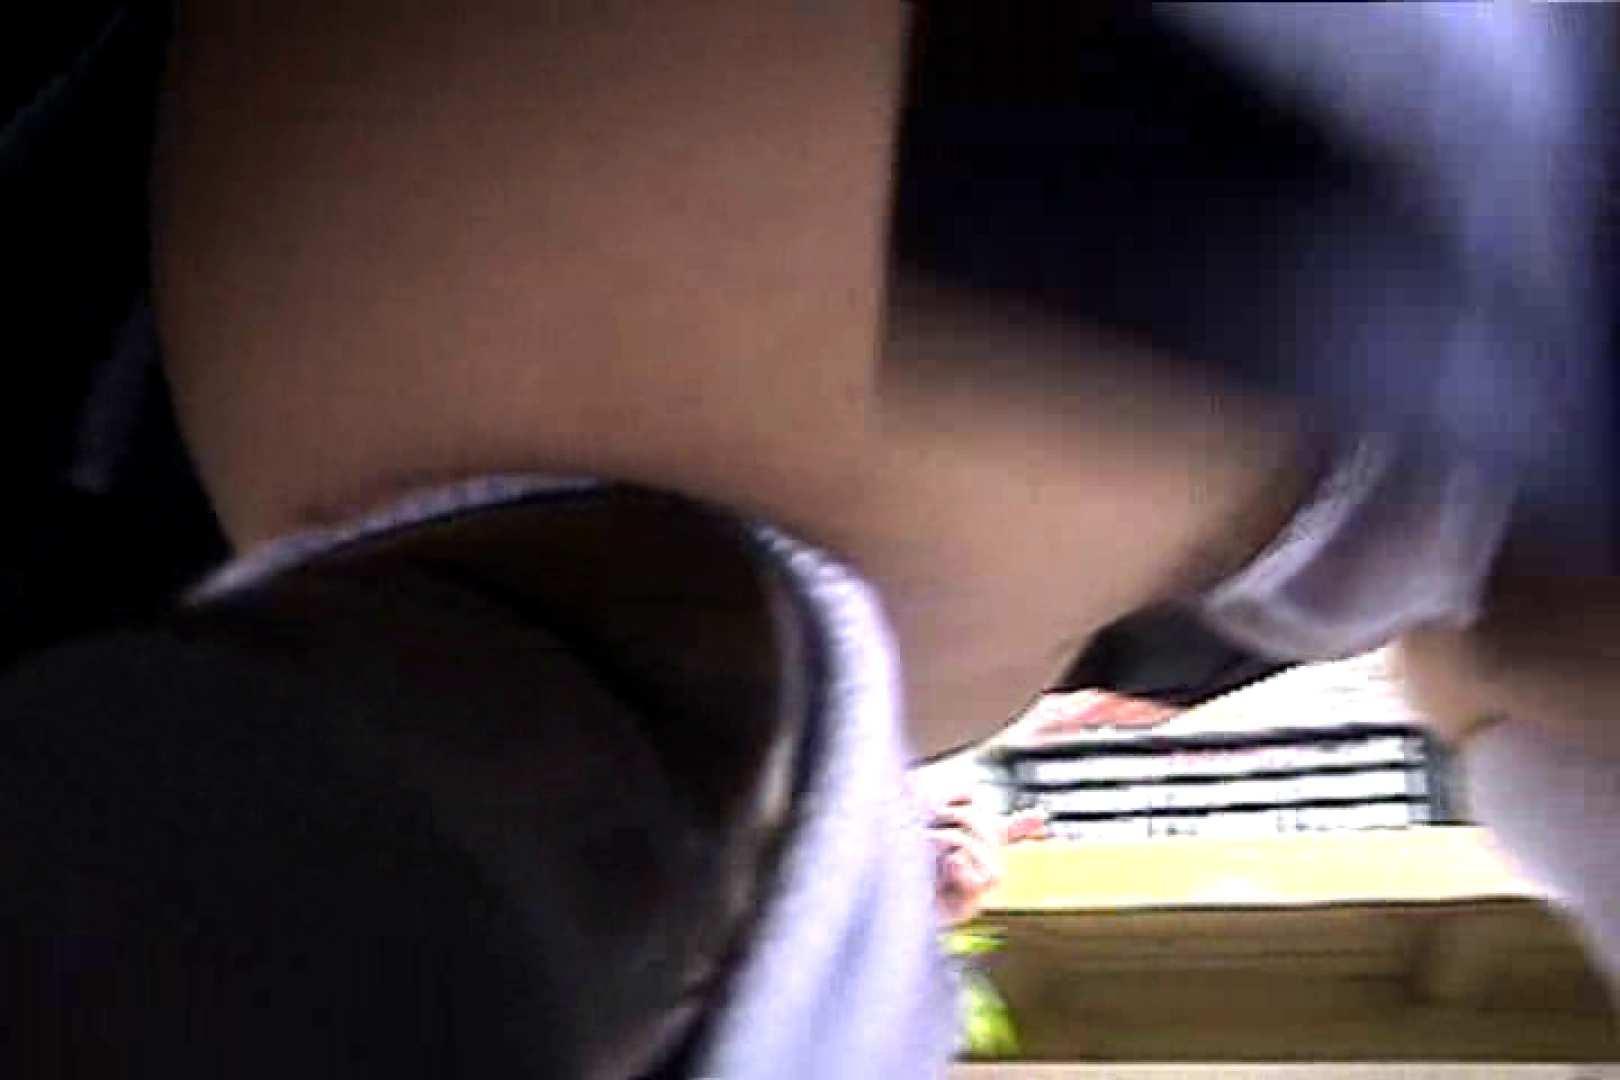 がぶりより!!ムレヌレパンツVol.5 ミニスカート ヌード画像 86pic 29